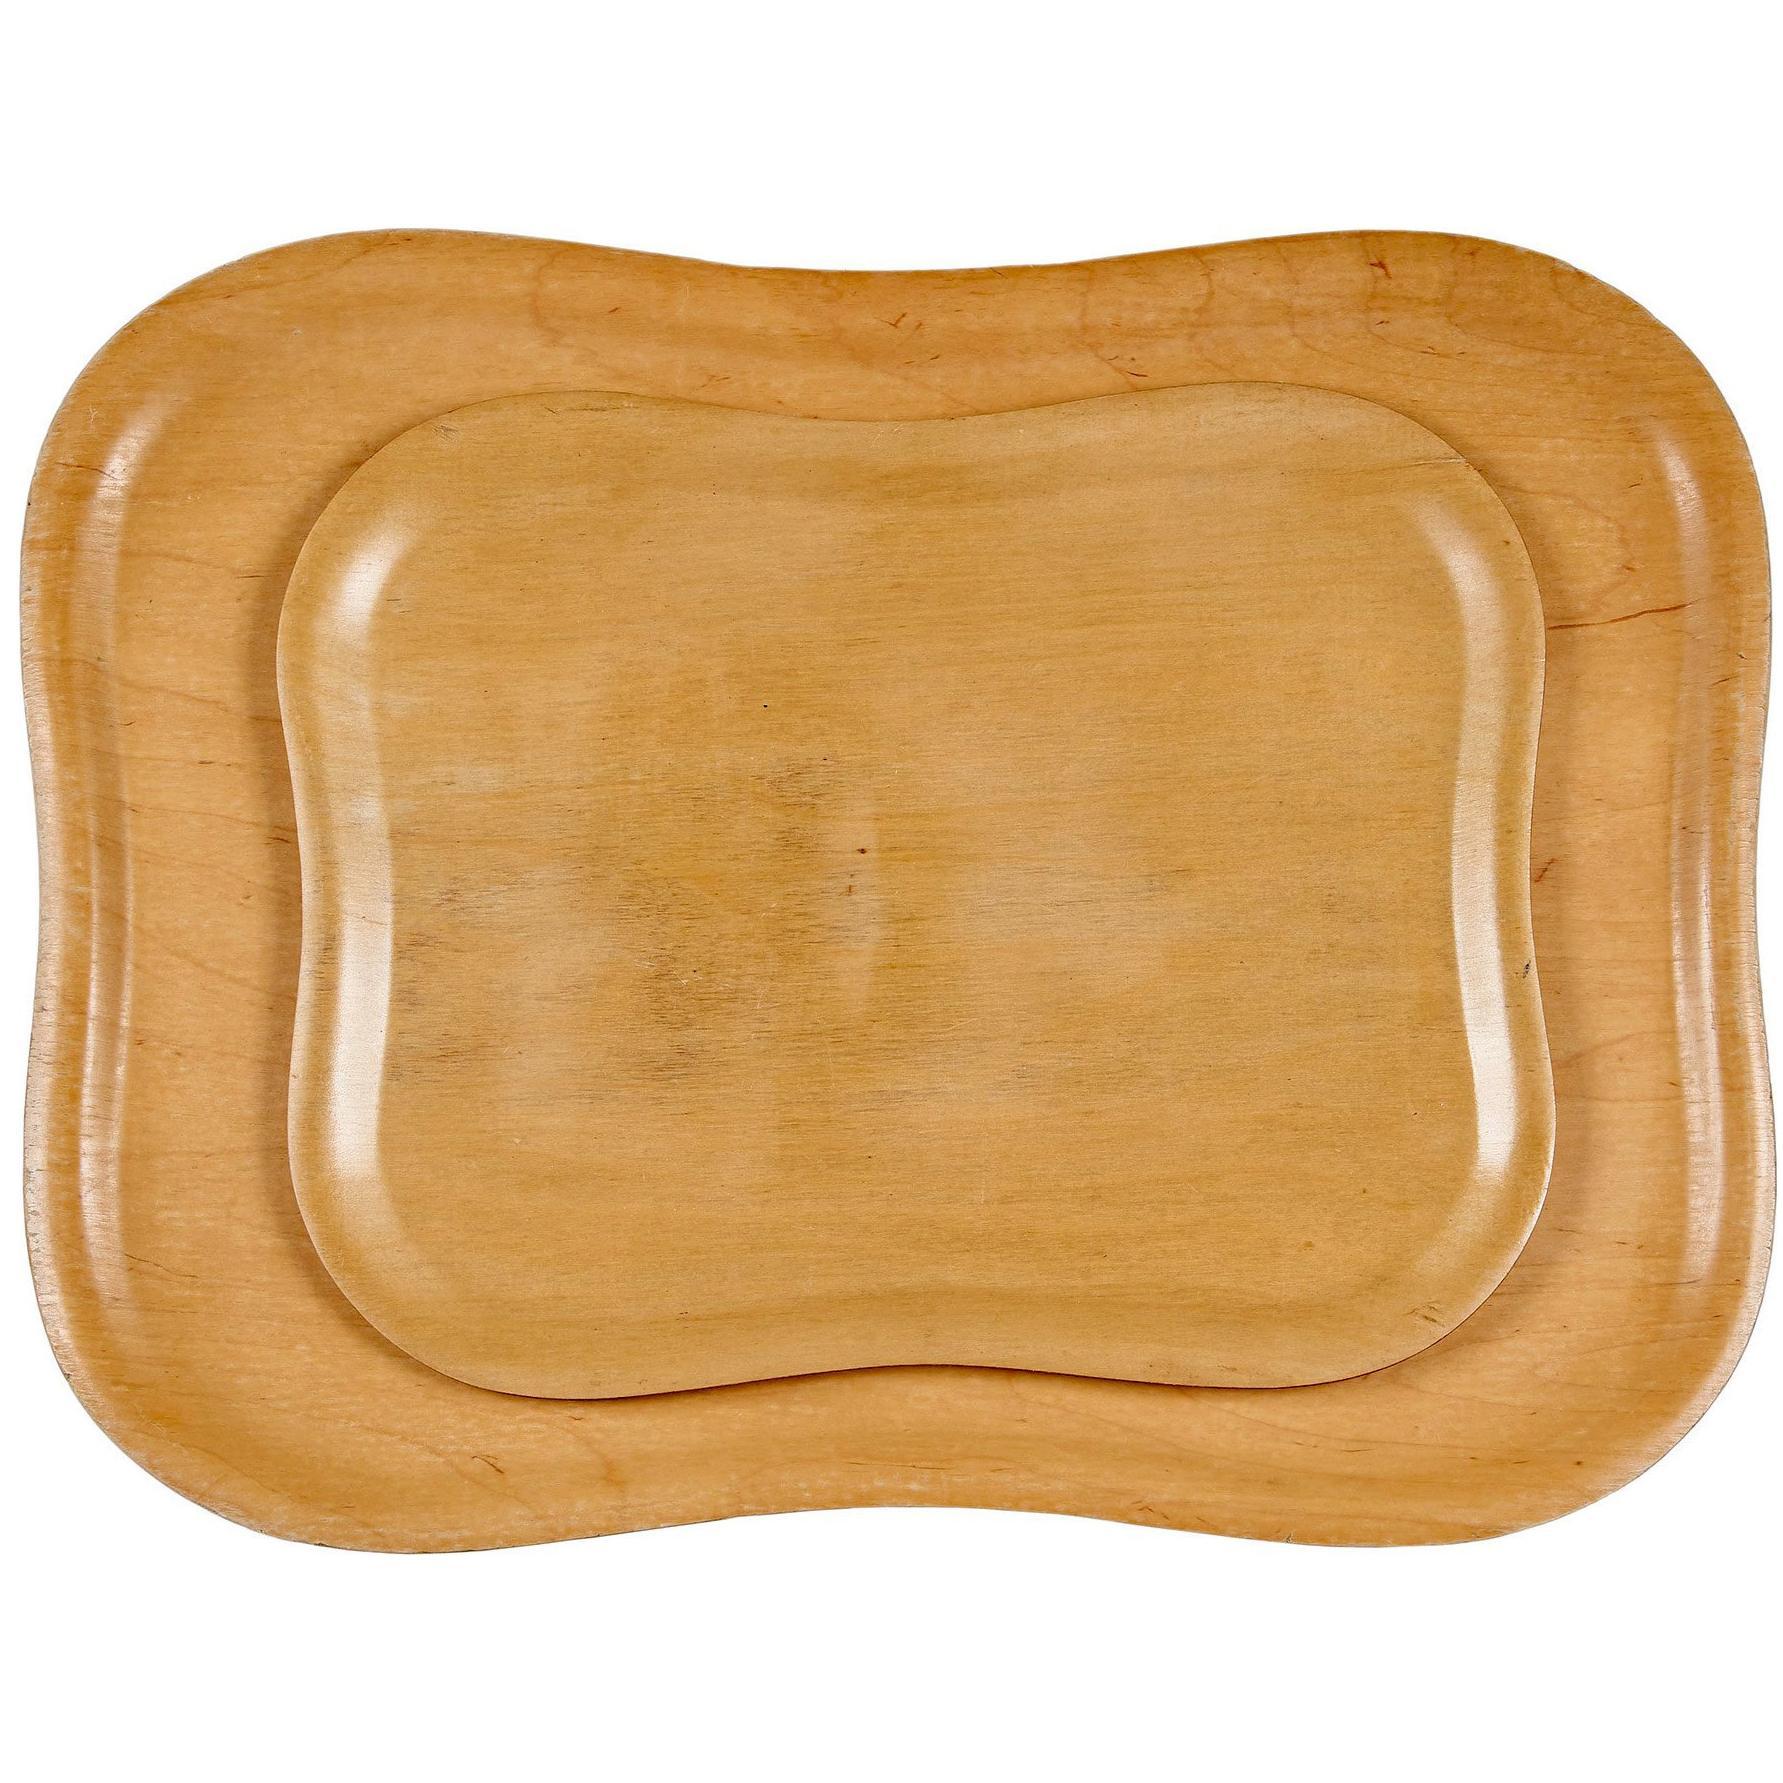 Molded Plywood Trays by Tapio Wirkkala